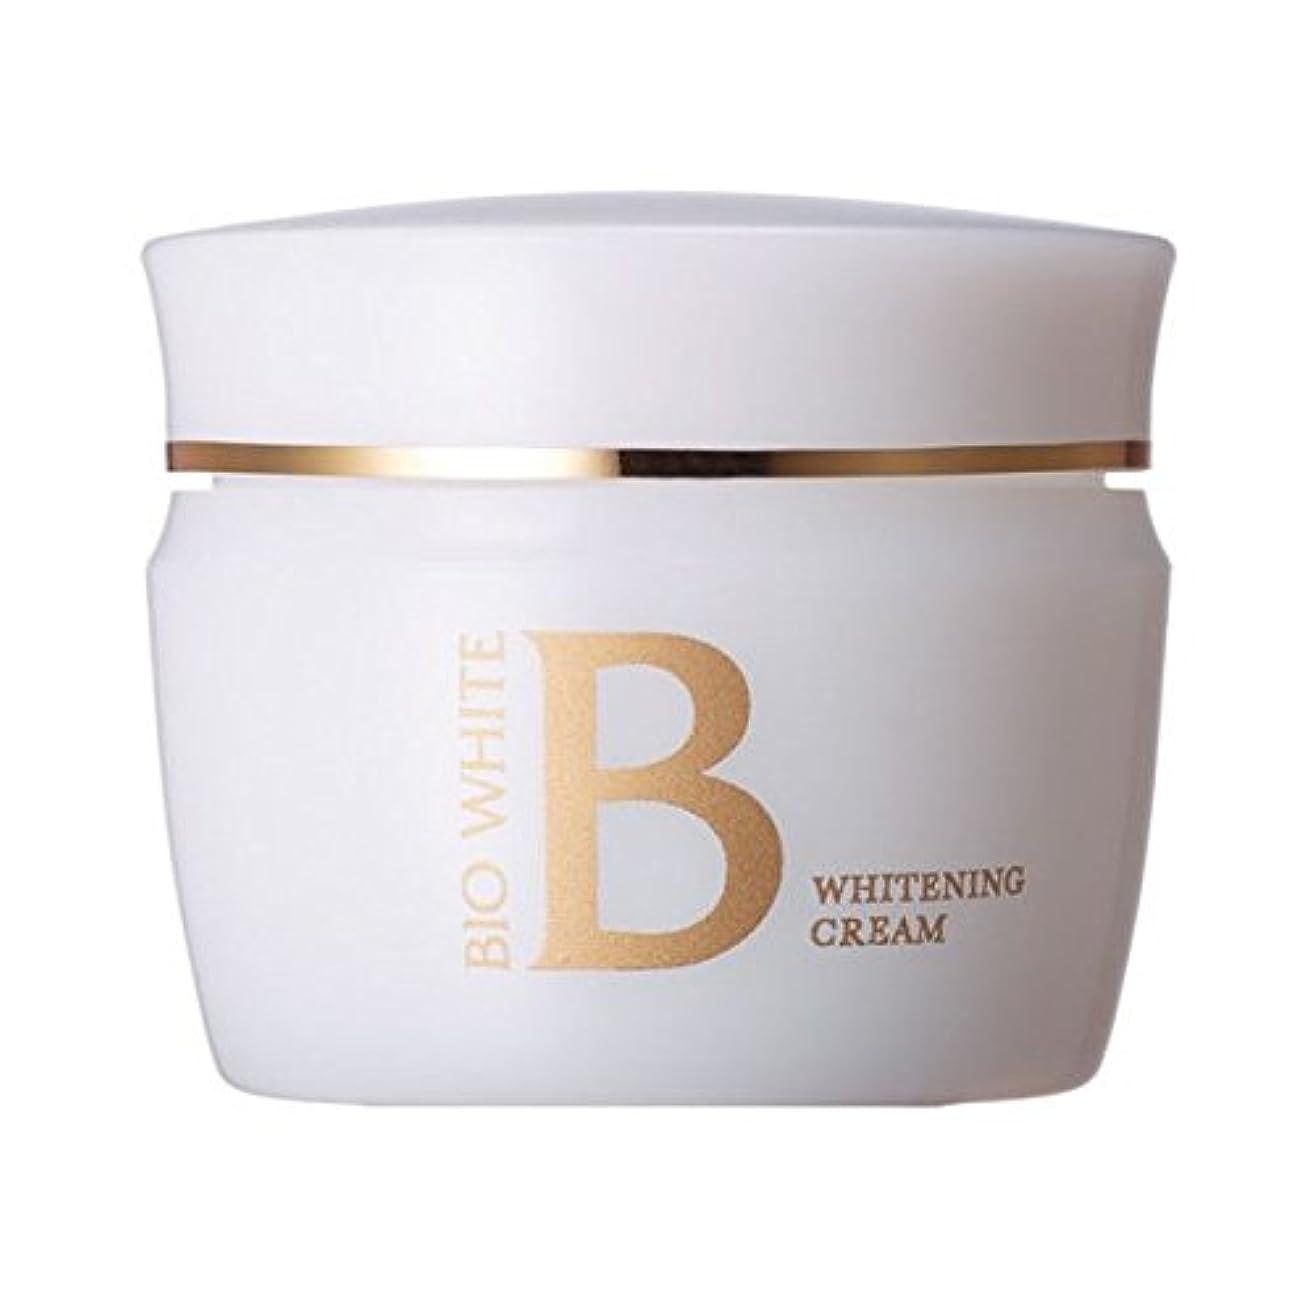 外交問題好ましい曇ったエビス化粧品(EBiS) ビーホワイトクリーム40g トラネキサム酸配合 美白クリーム フェイスクリーム